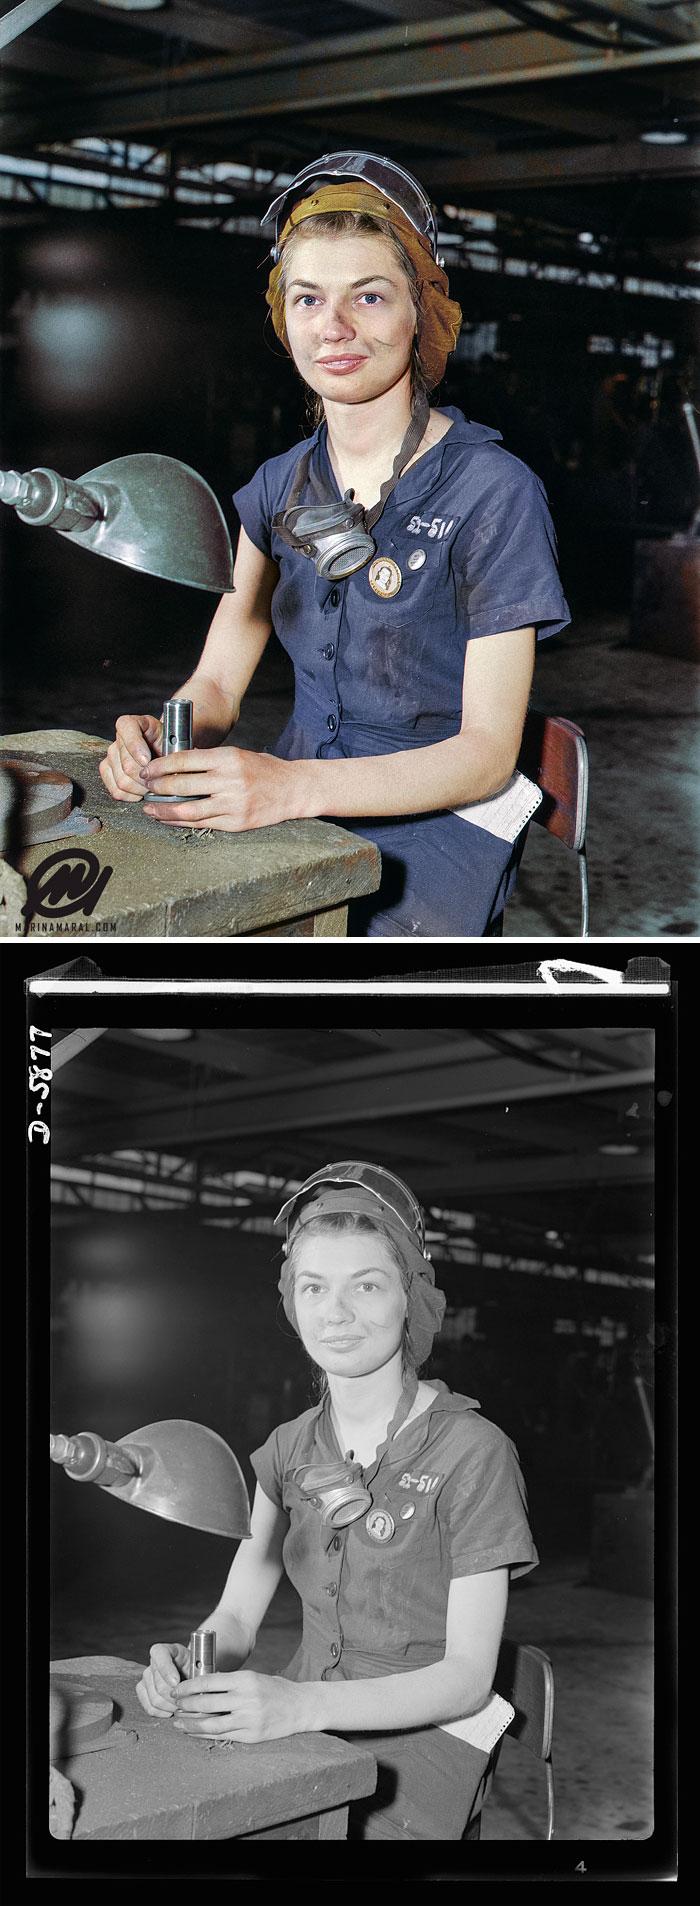 Eunice Hancock, una mujer de 21 años de edad, opera un molino de aire comprimido en una planta de aviones del Medio Oeste durante la Segunda Guerra Mundial. Agosto de 1942